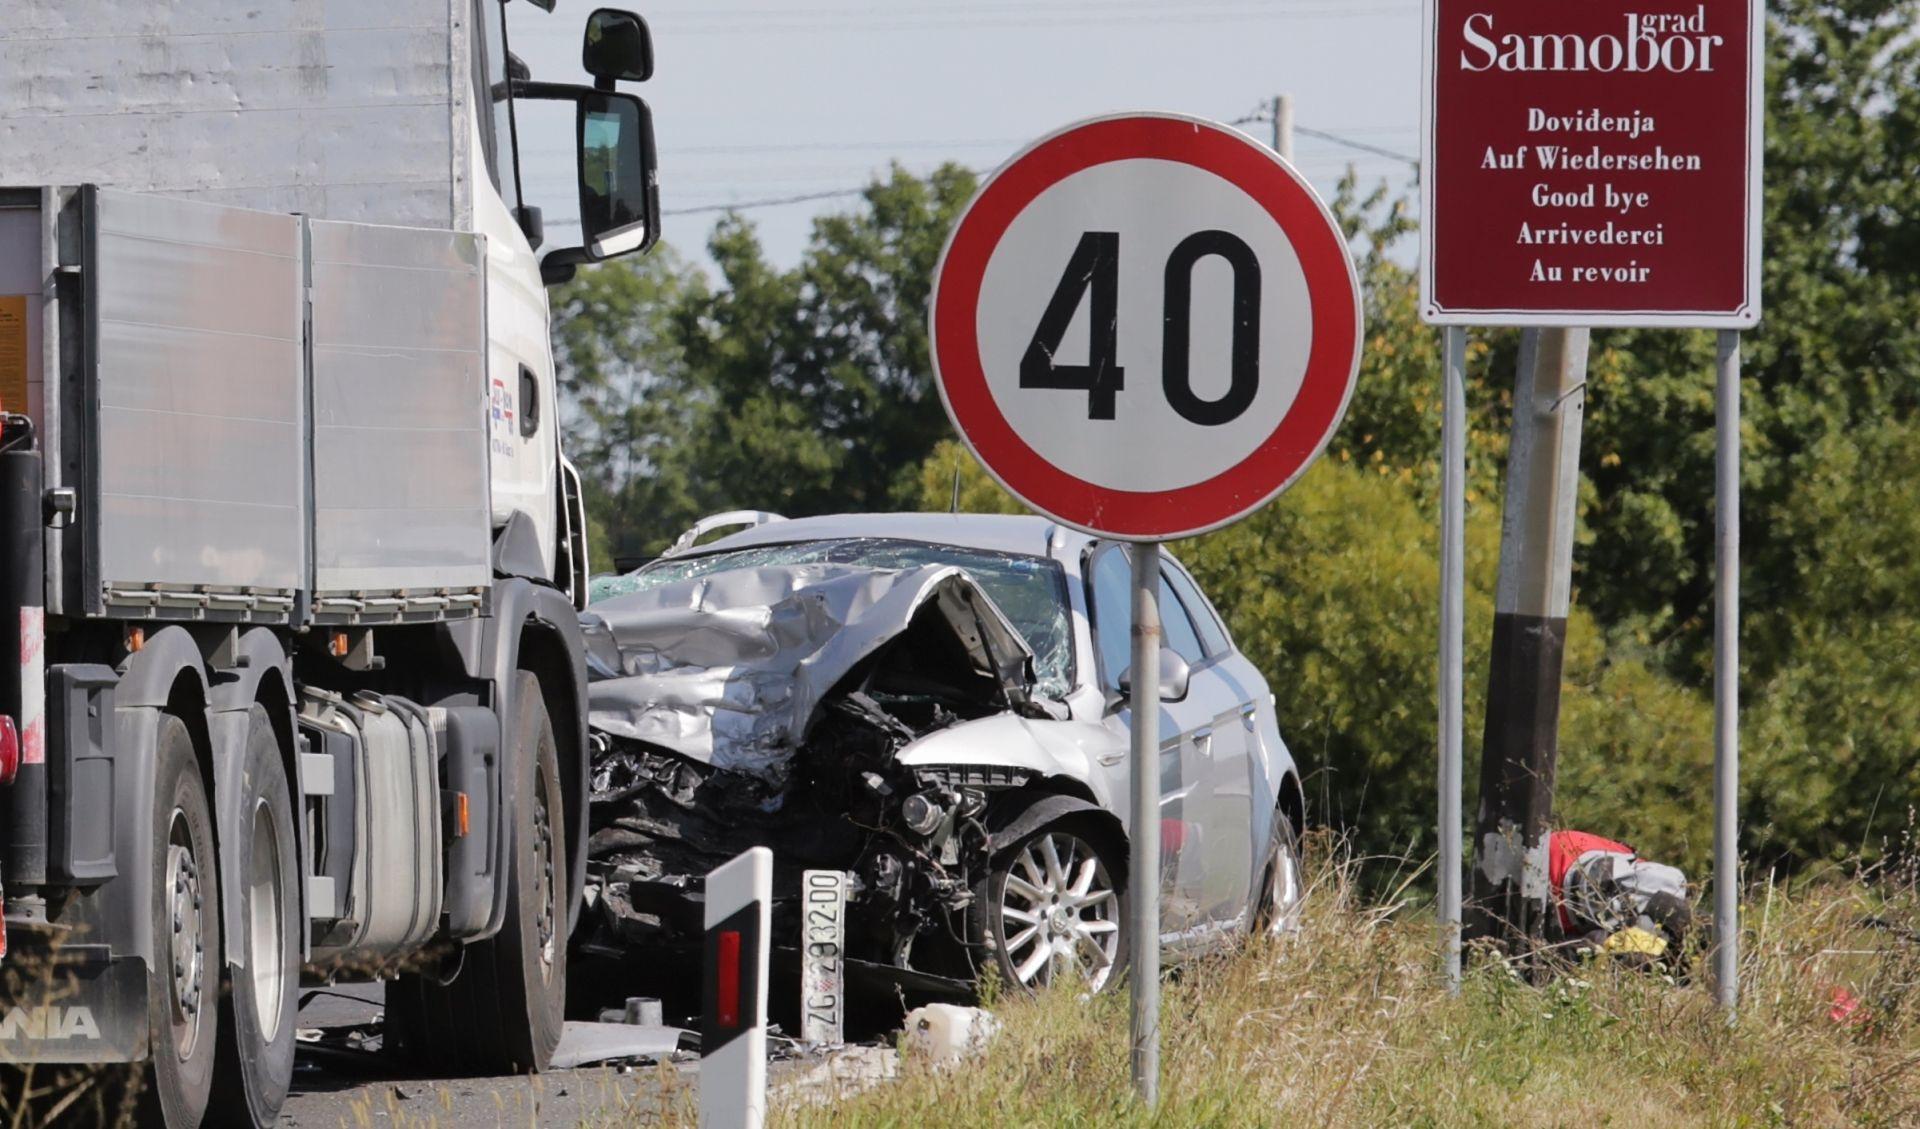 SAMOBOR Troje poginulih u prometnoj nesreći